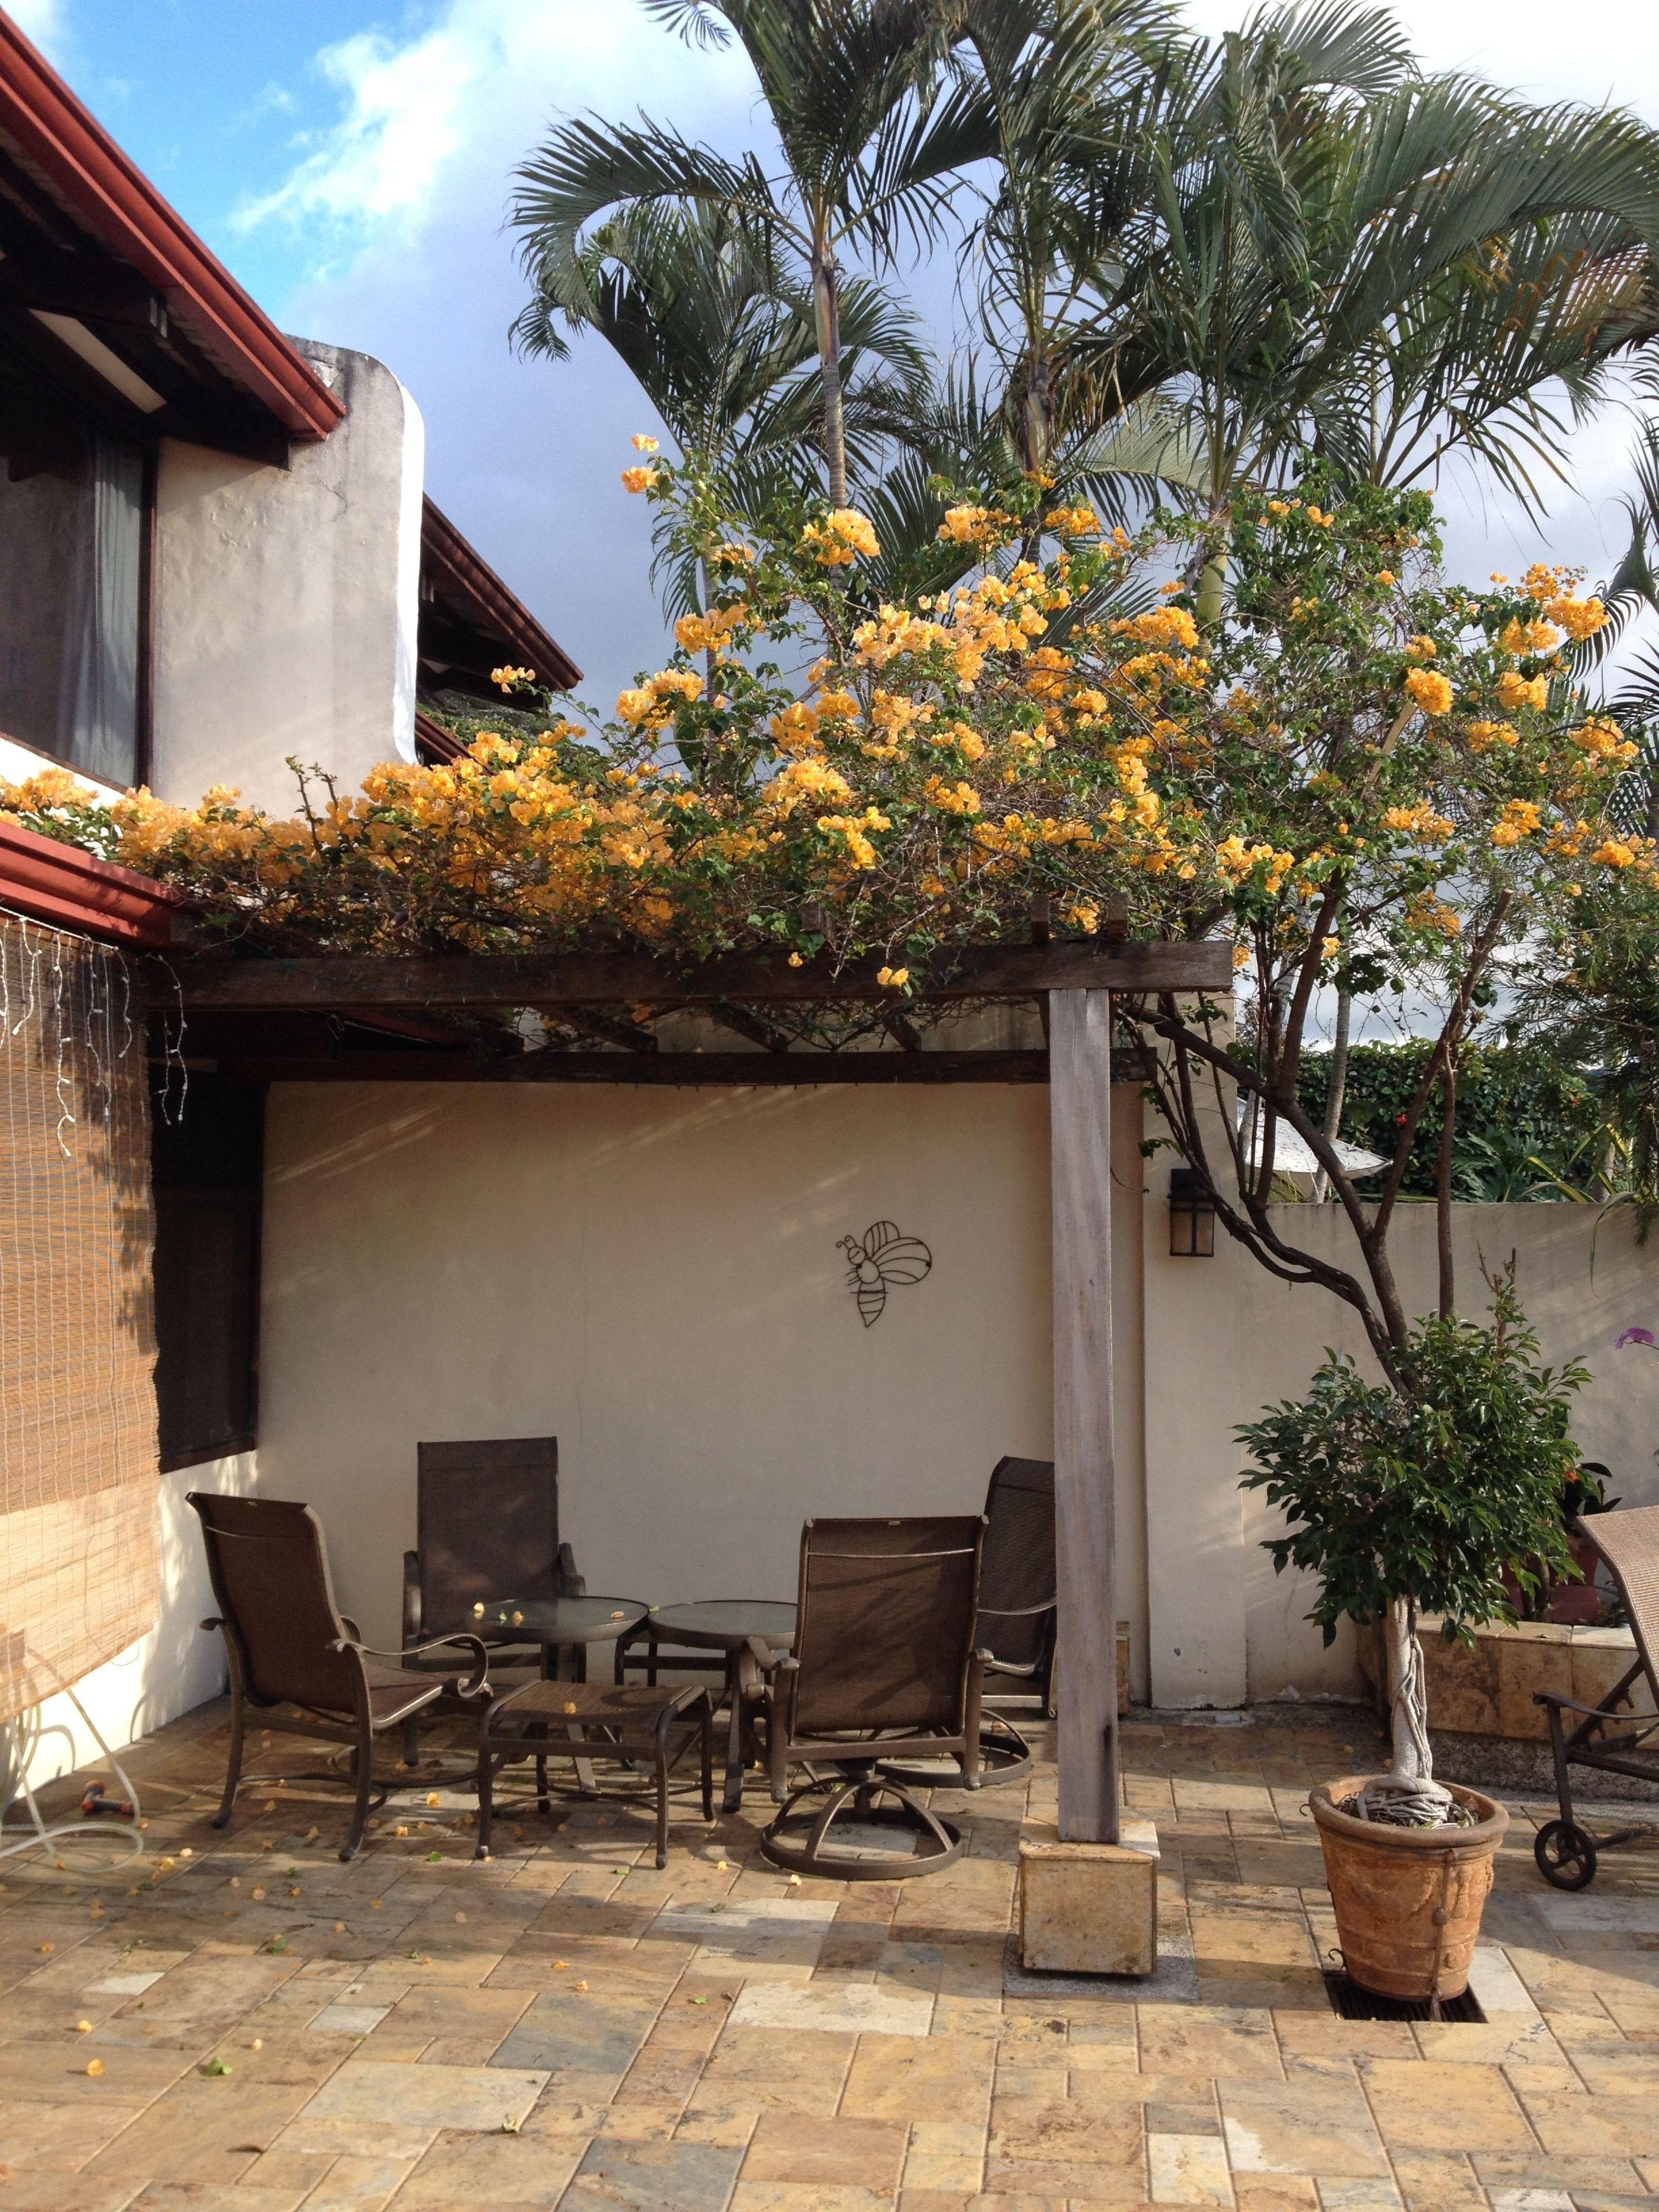 Houte pergola bedekt met oranje bougainvillea deze wordt gebruikt